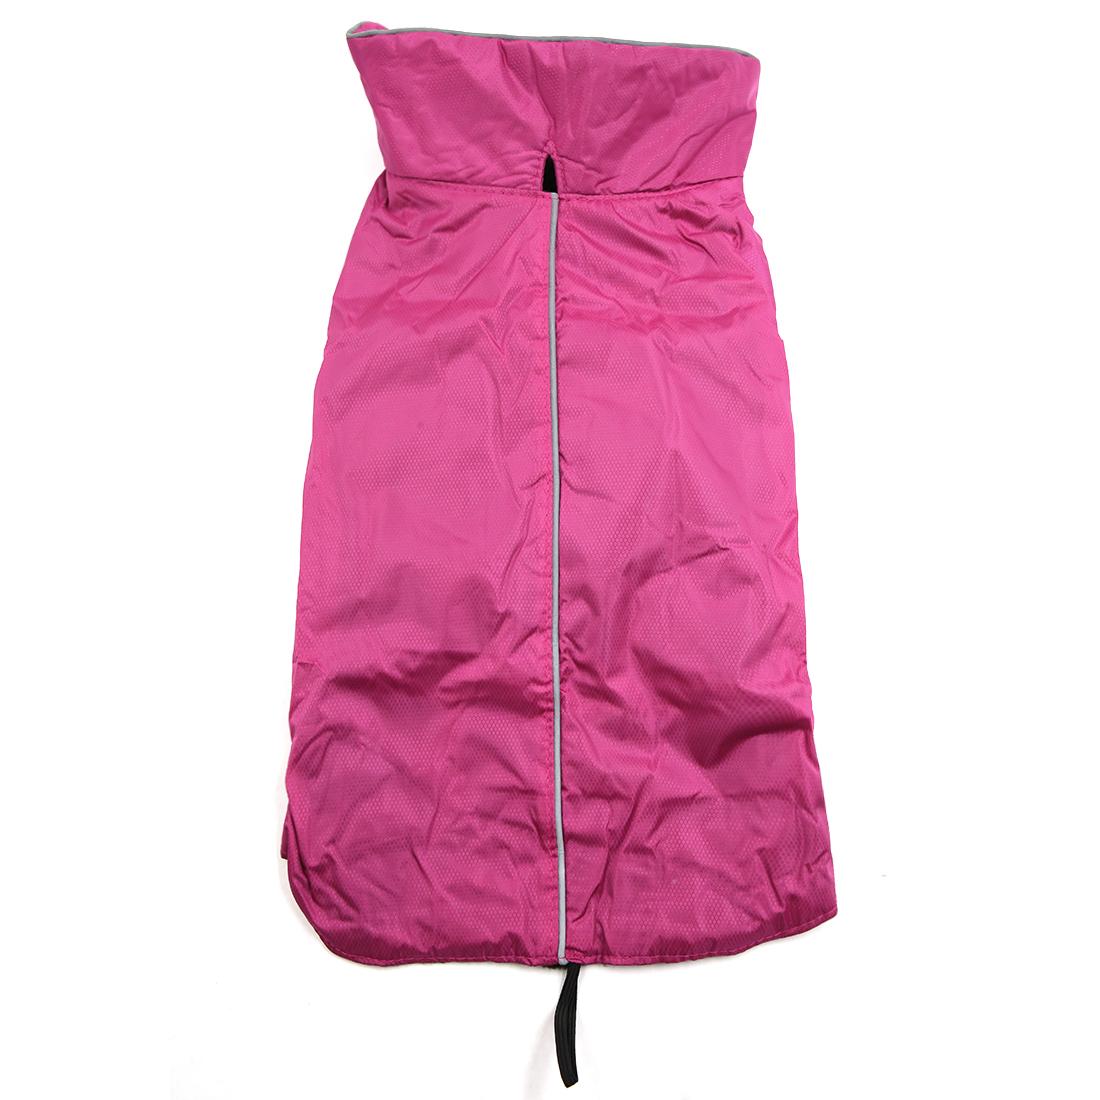 Reflective Waterproof Dog Vest Jacket Clothes Soft Warm Fleece Lining Dog Coat Clothing Rose XL